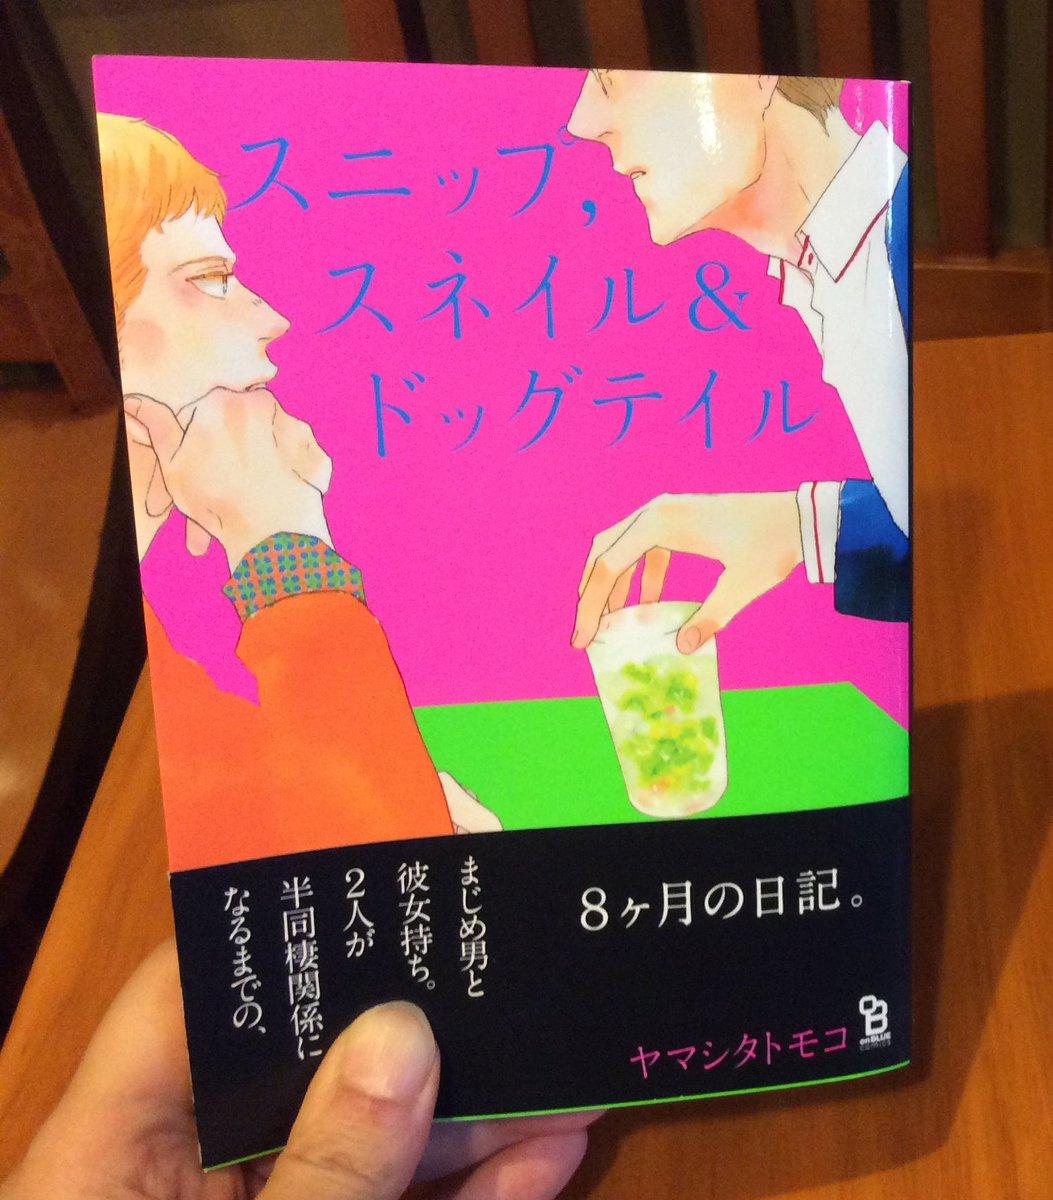 【俺のBL/第十七回】『スニップ,スネイル&ドッグテイル』(著:ヤマシタトモコ/祥伝社on BLUE comic